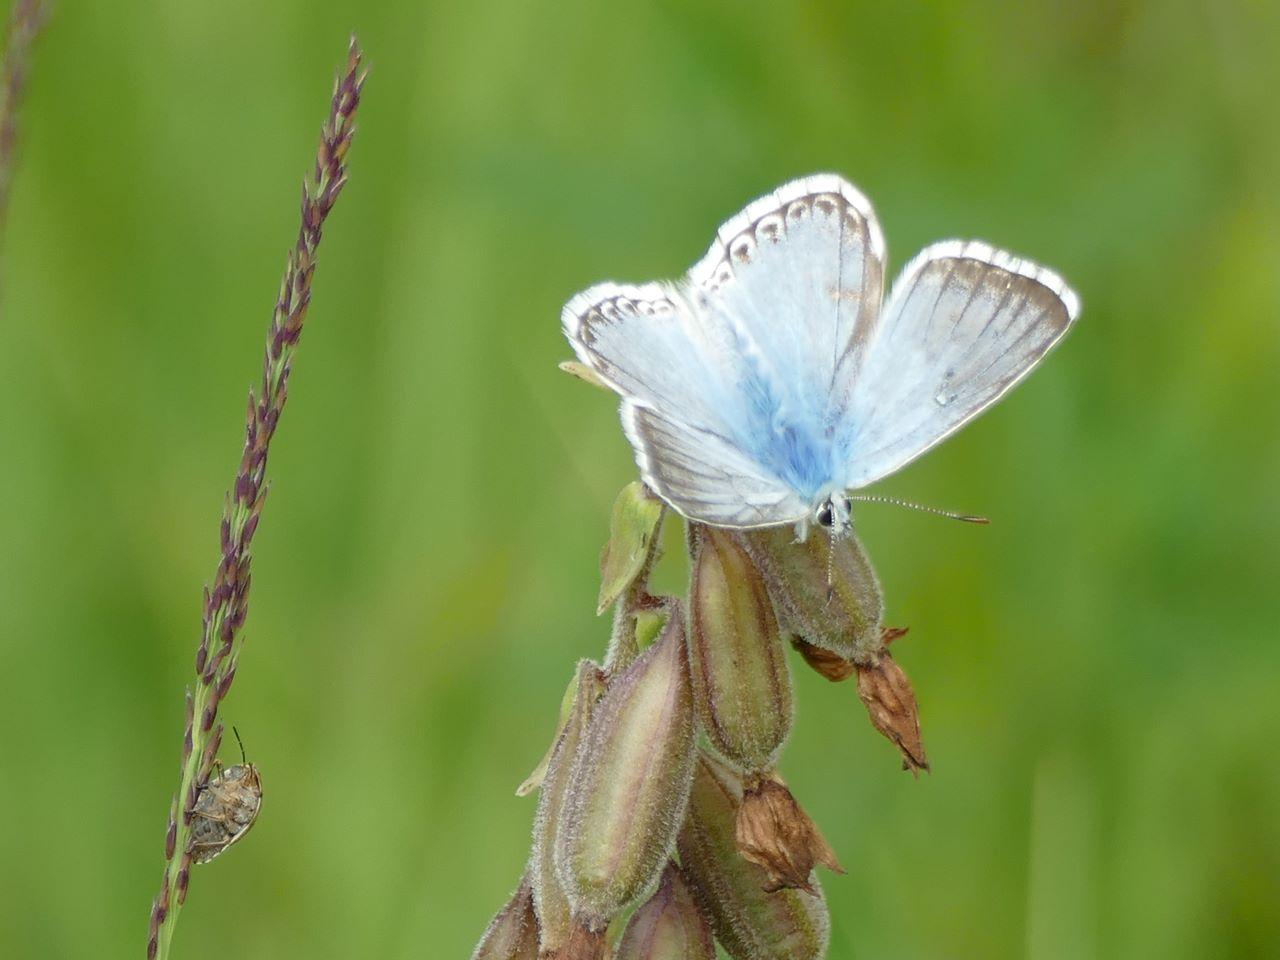 Auch zahlreiche Schmetterlinge wie hier ein Silbergrüner Bläuling wurden beobachtet